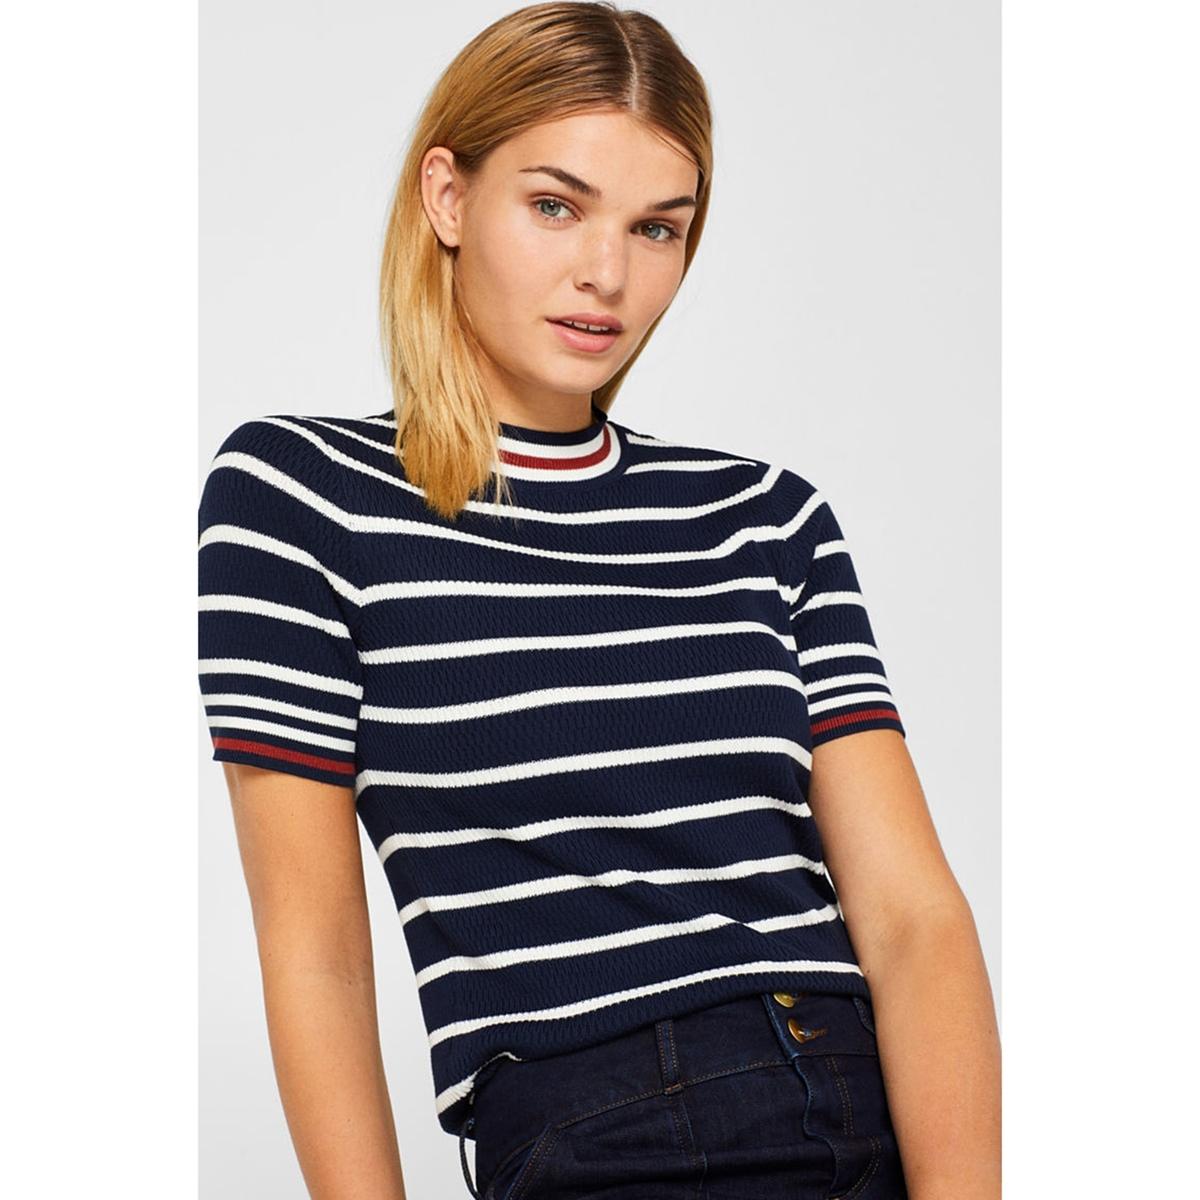 Jersey tricolor estilo marinero, de canalé fino